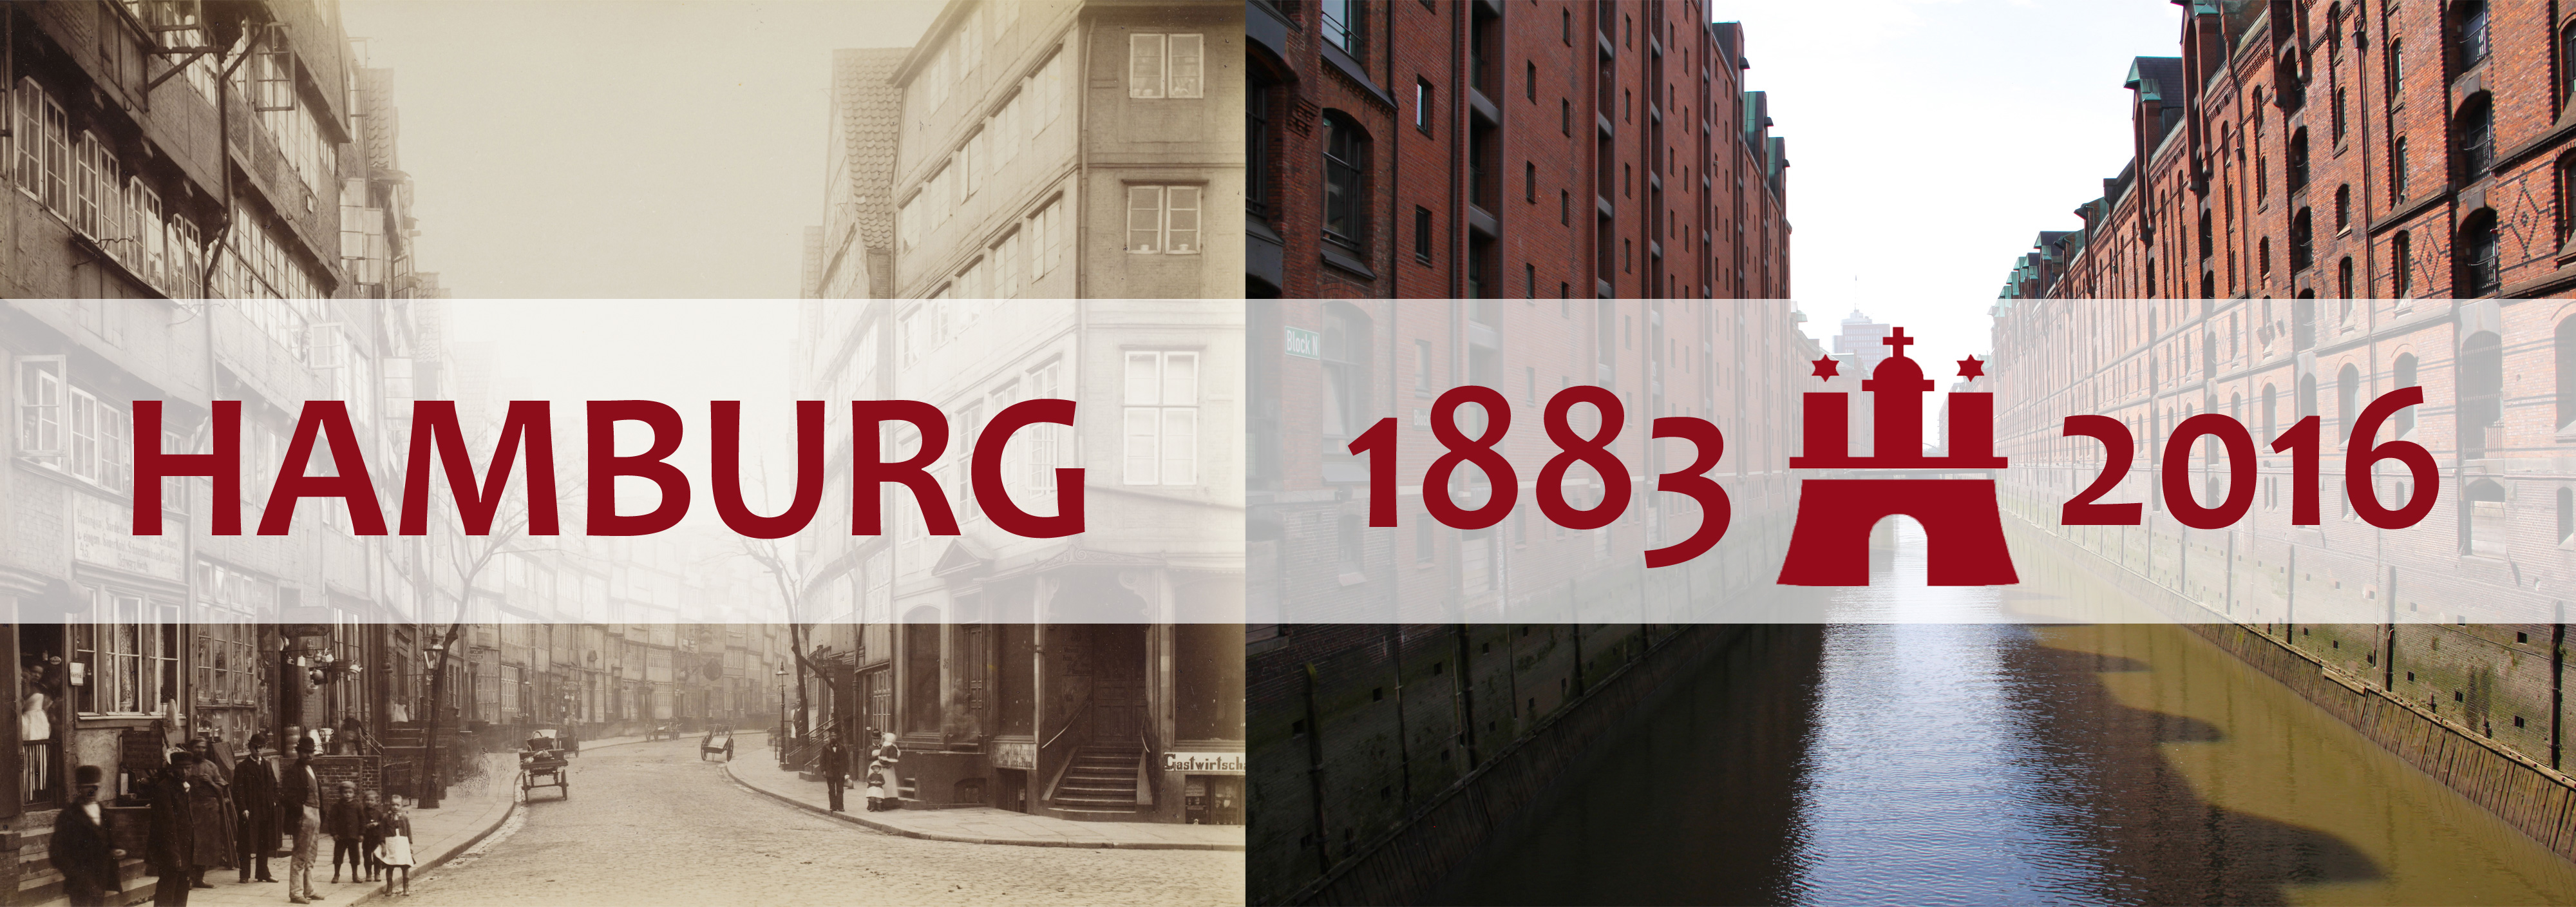 Hamburg 1883 | 2016: Der nördliche Grasbrook damals und heute